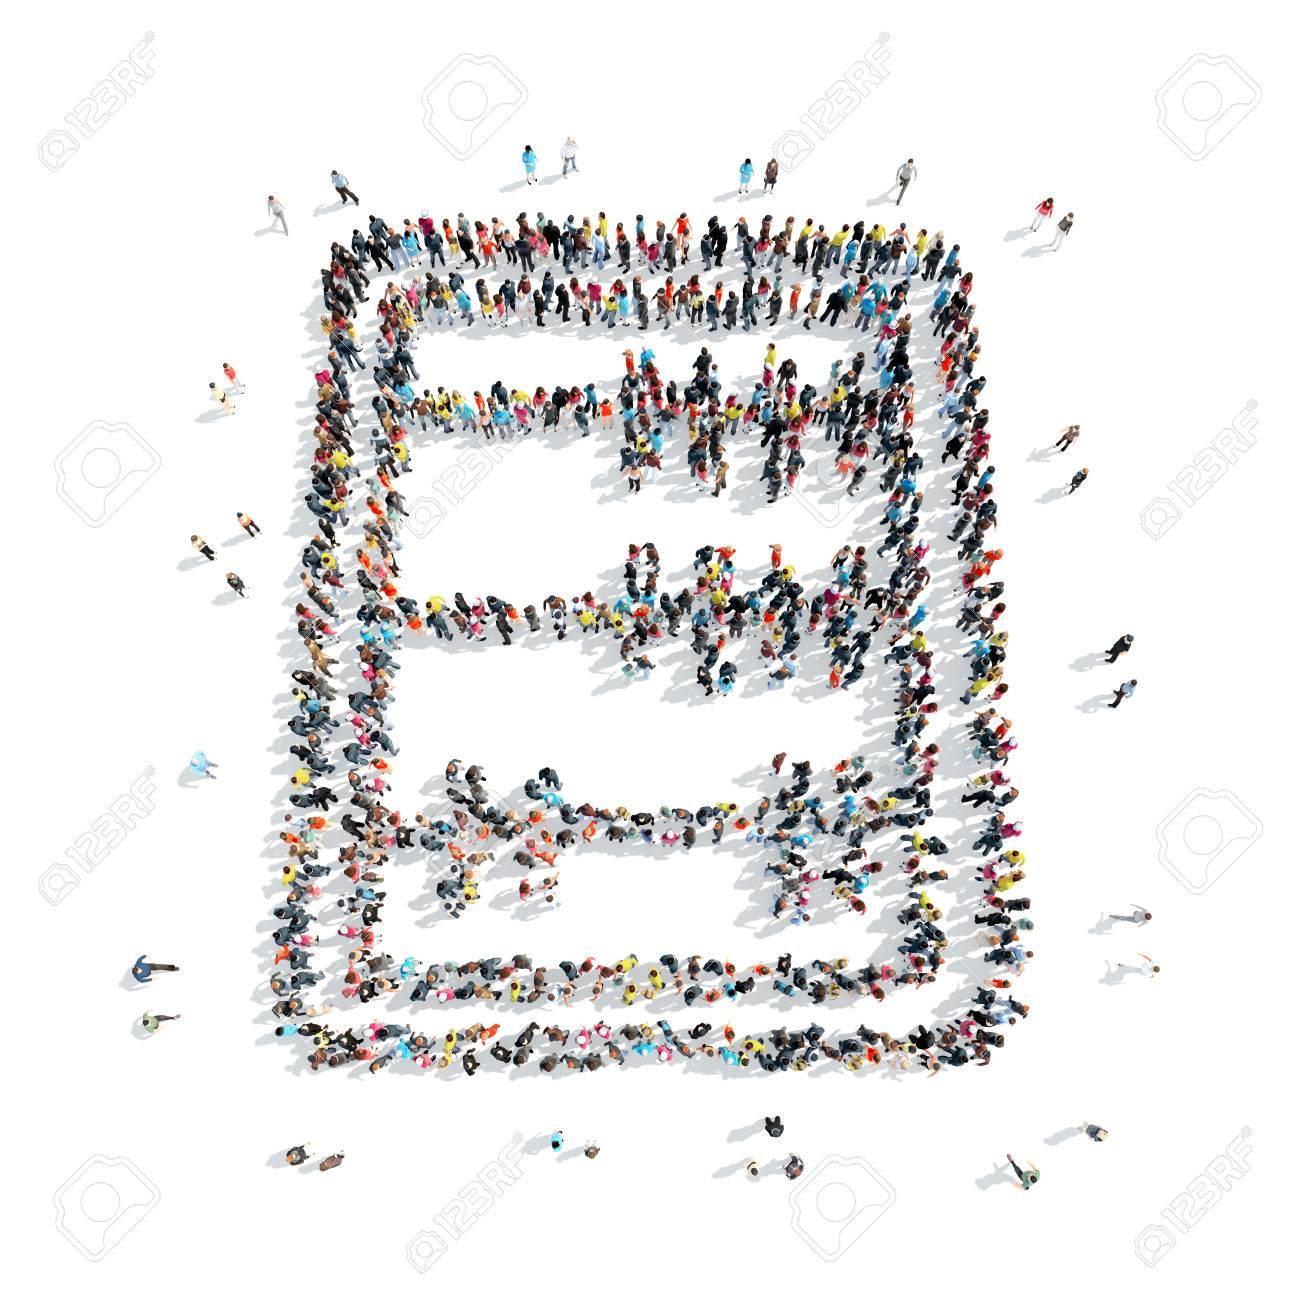 Eine Gruppe Von Menschen In Der Form Der Rechnungslegung Abakus